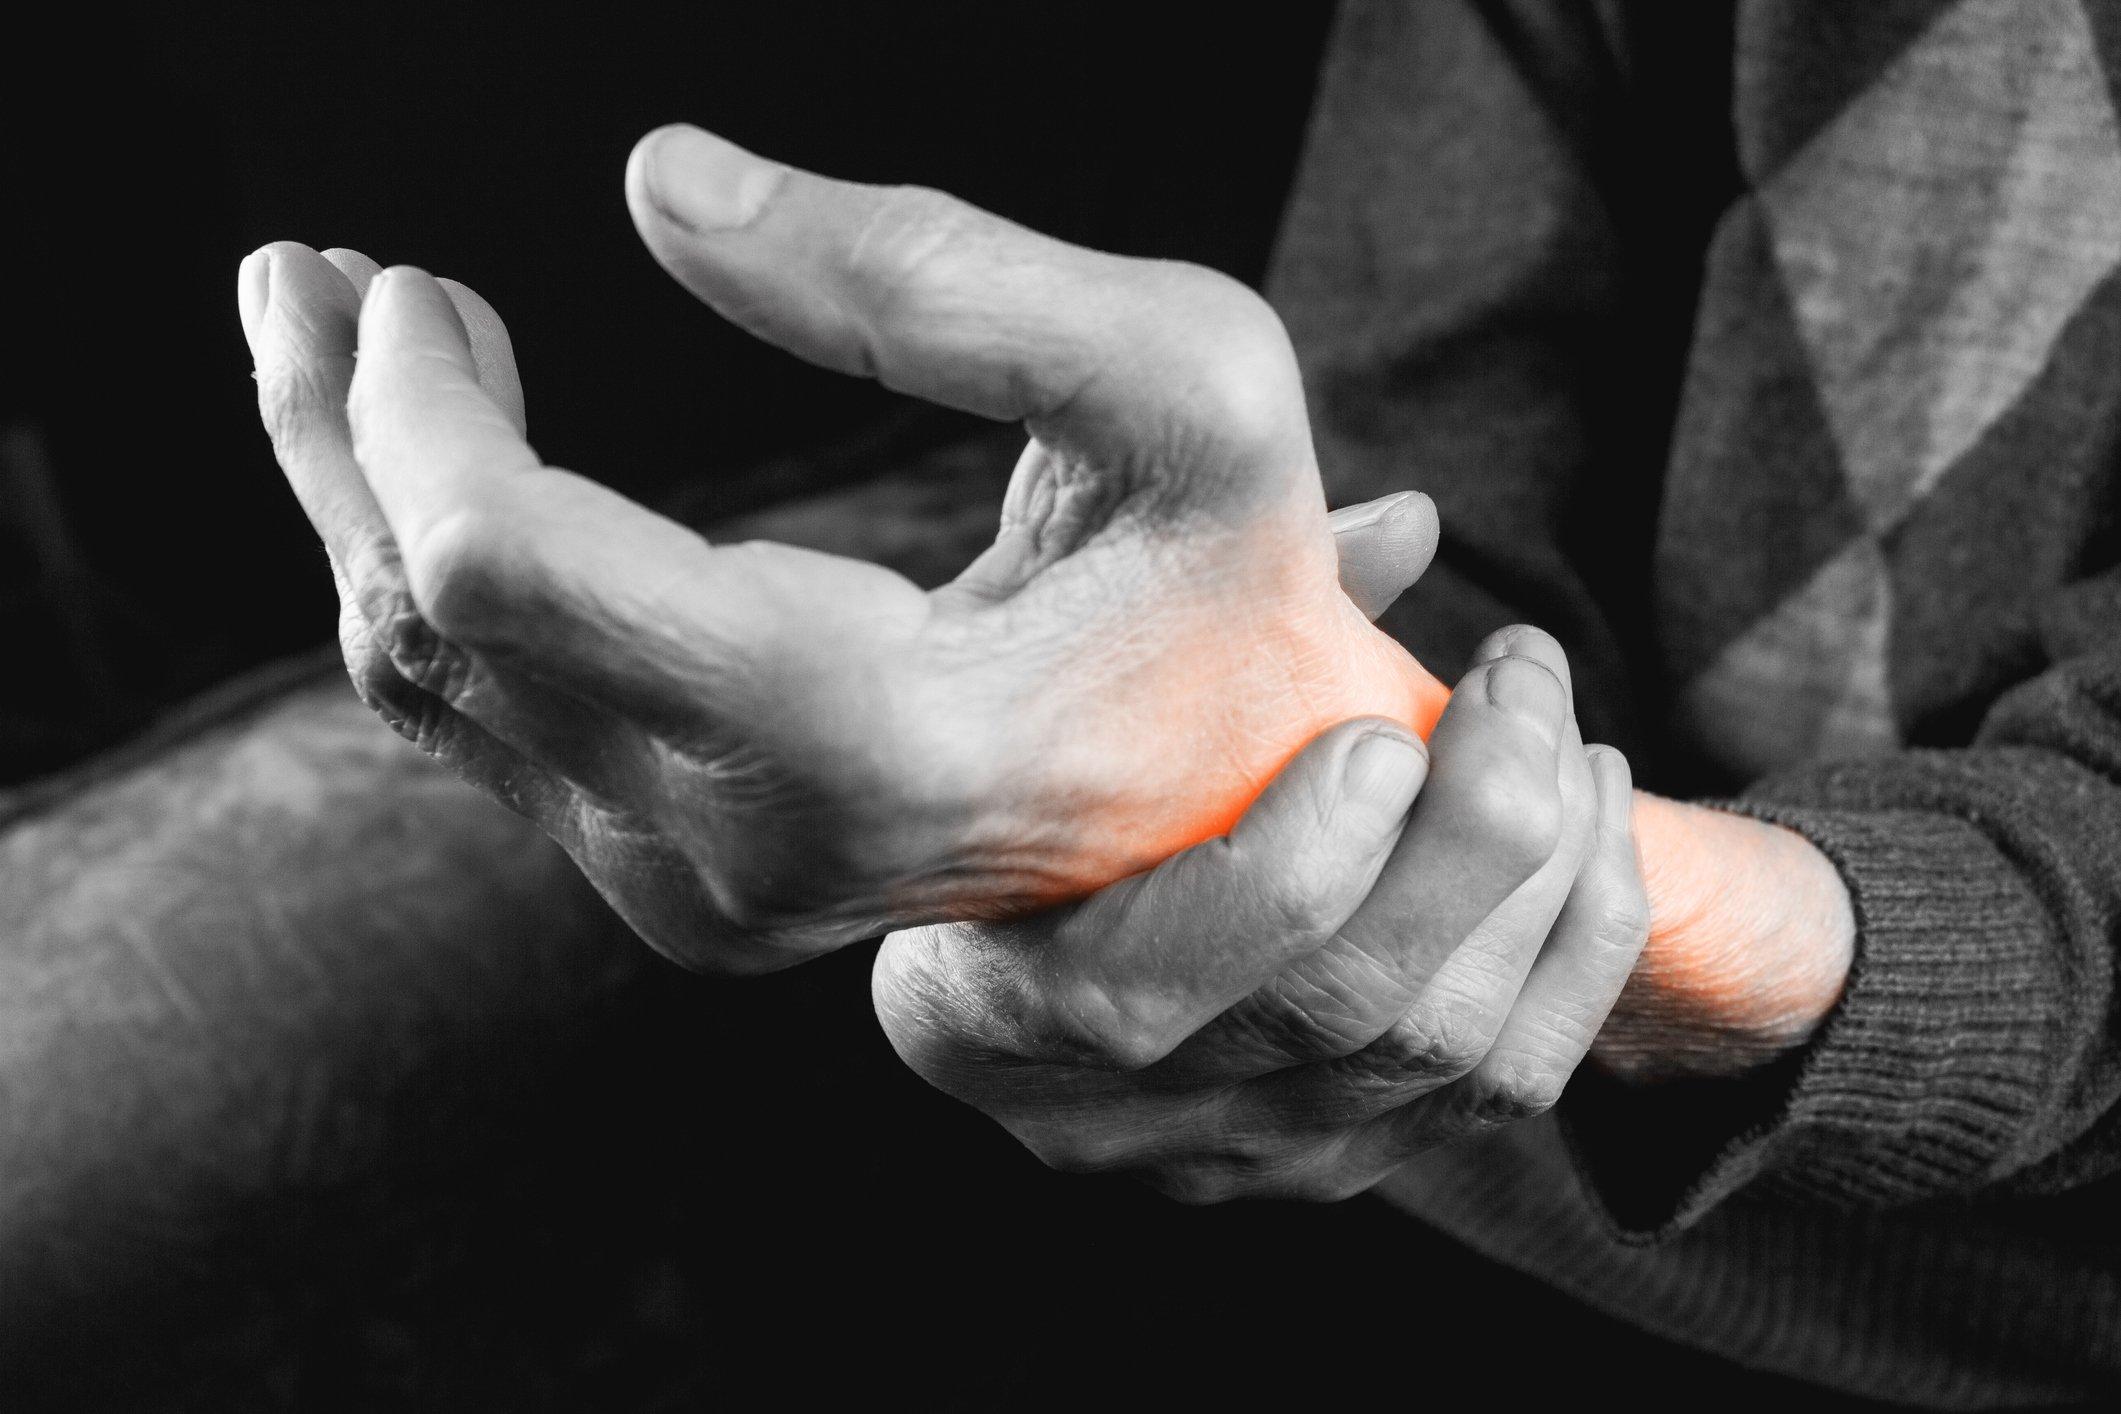 tratamentul deformării artrozei la încheietura mâinii)